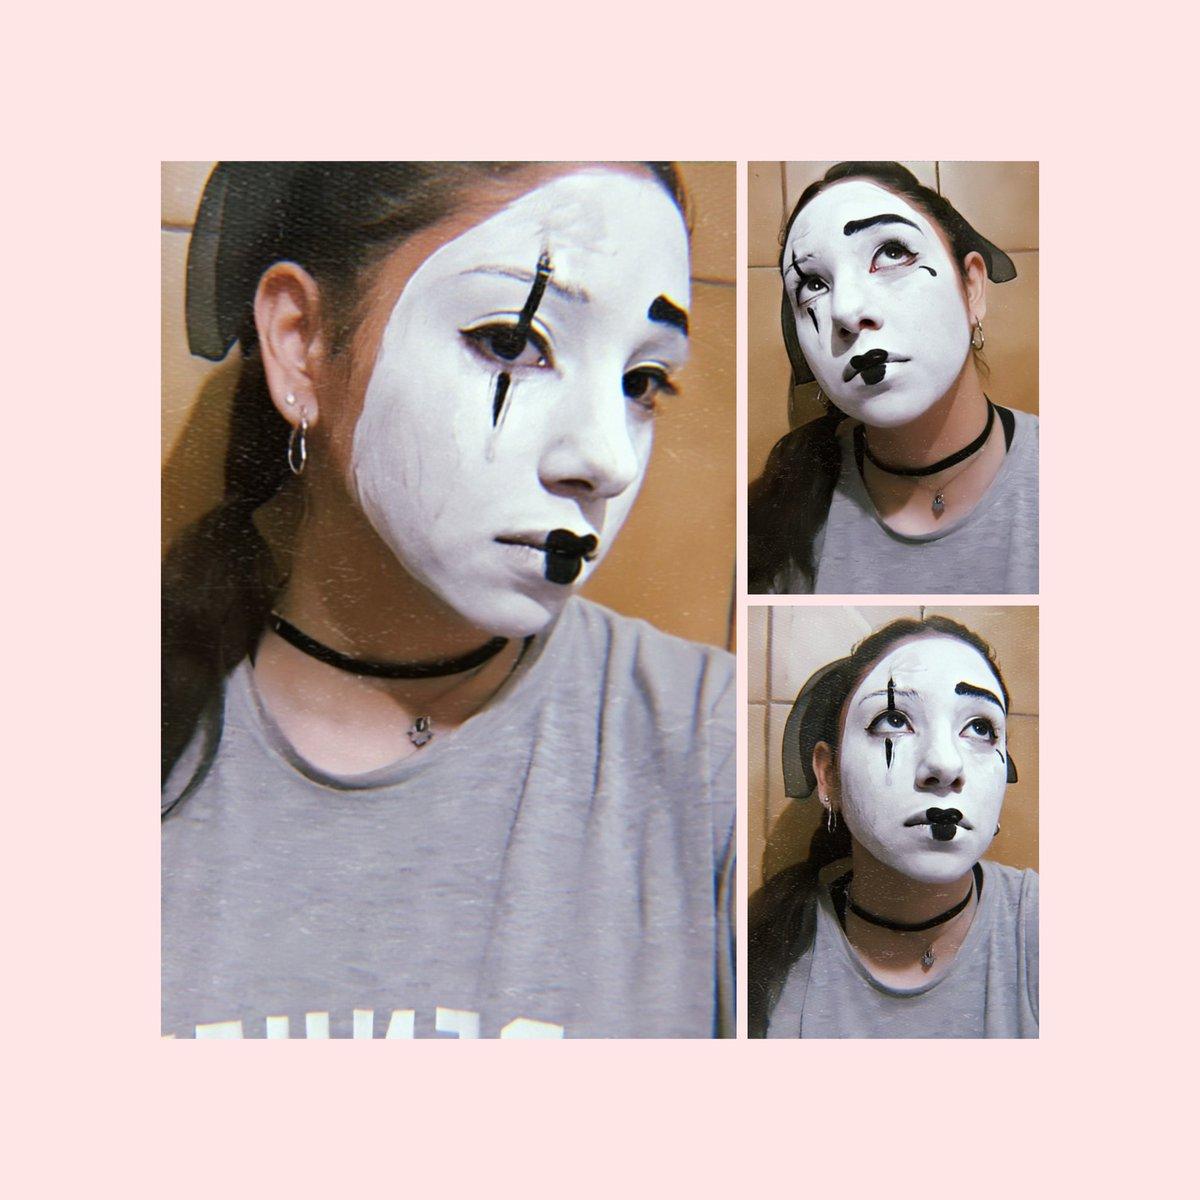 en esta cuarentena se llegó al extremo de tener que pintarme de mimo para teatro pic.twitter.com/XaH2y4kdN7